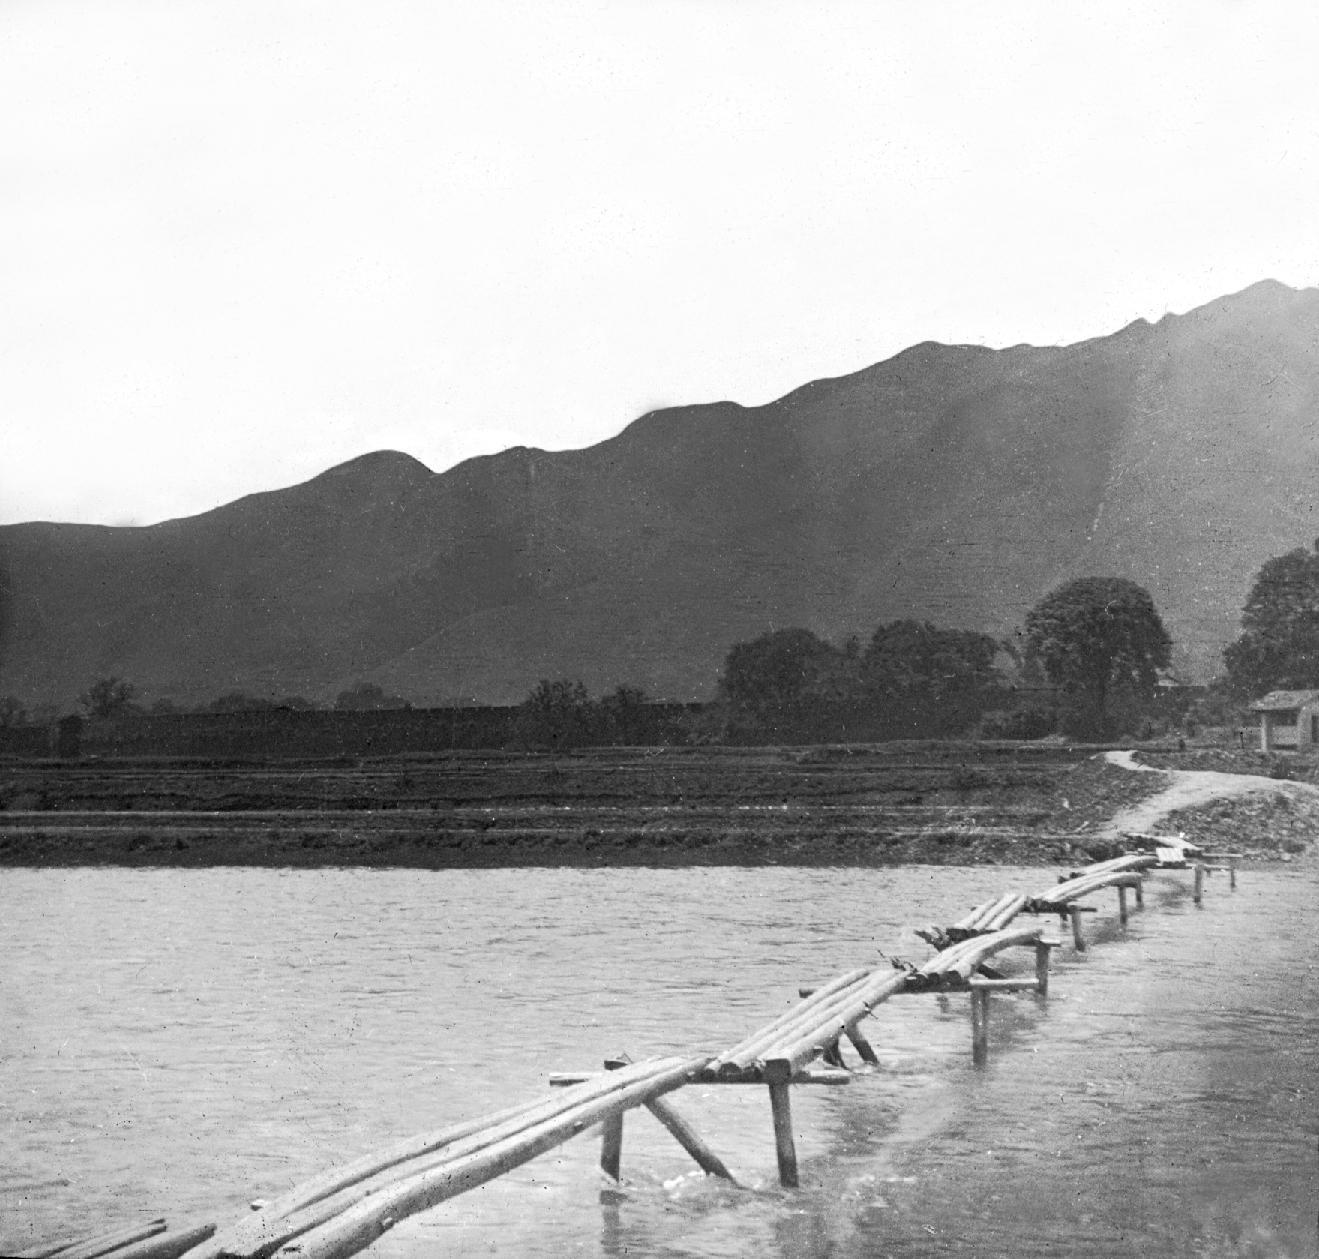 Bridge across river.